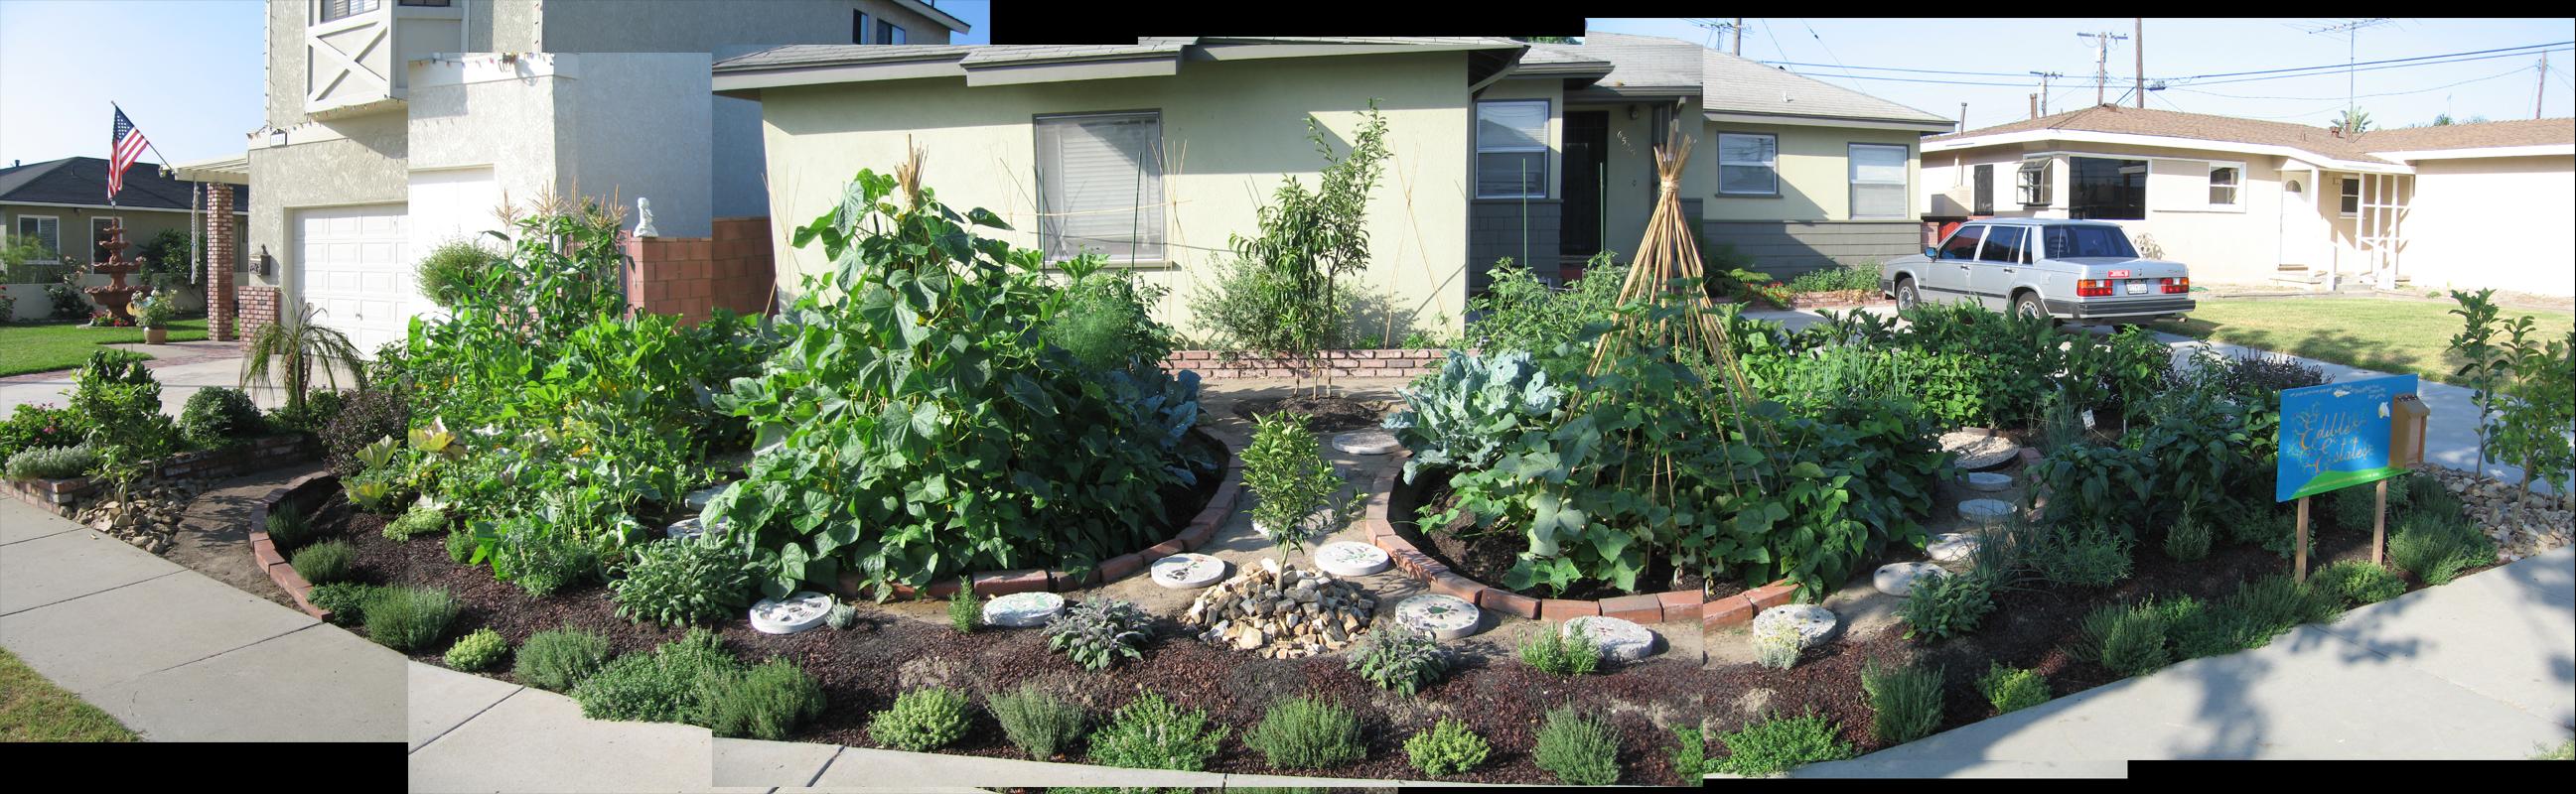 Edible Estates in Lakewood, CA